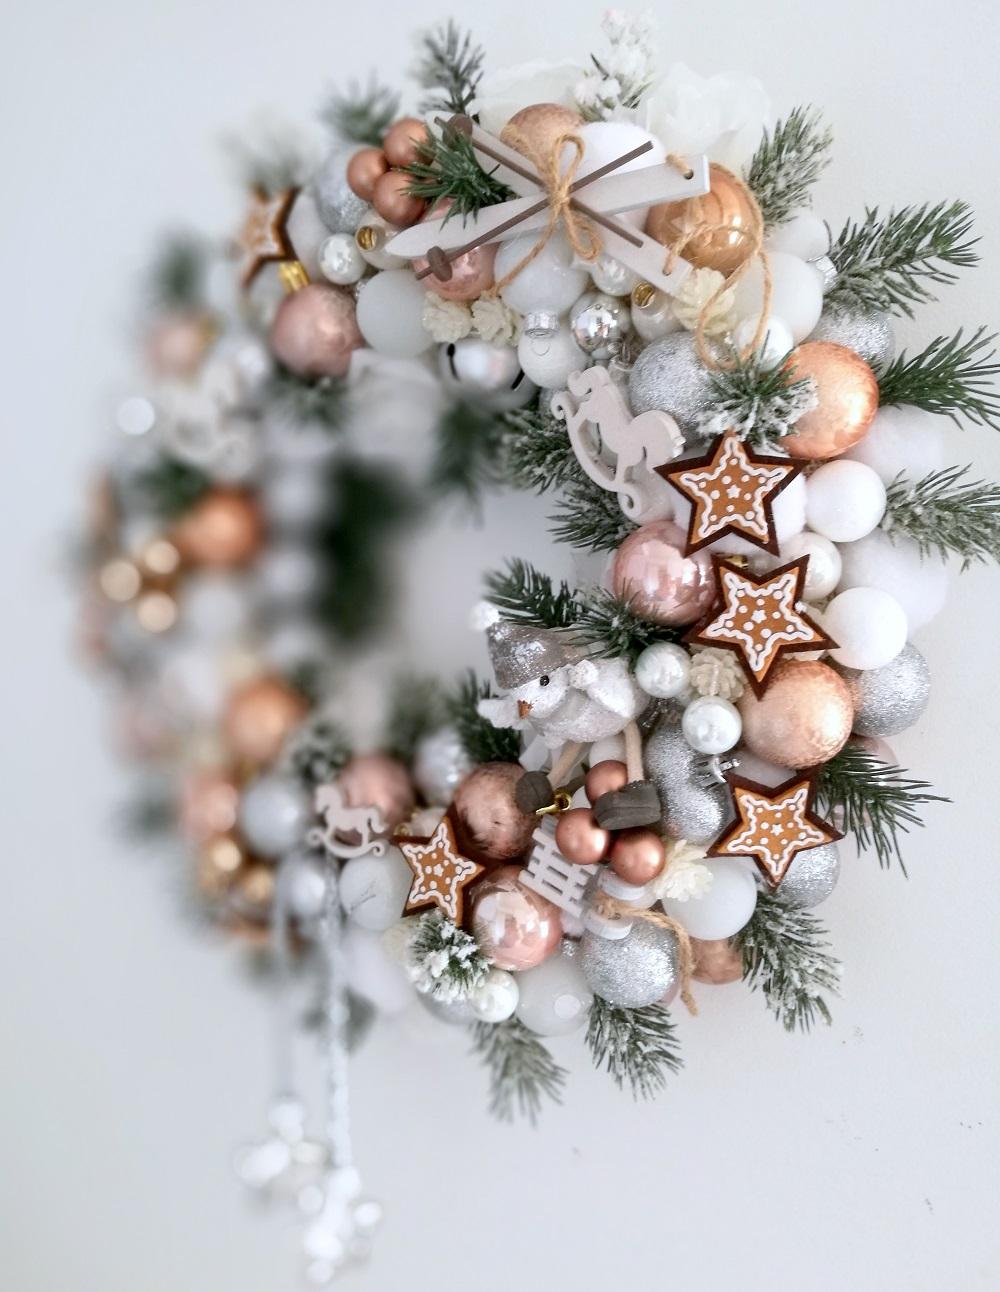 Wianek na Boże Narodzenie Ptaszek w Szaliczku